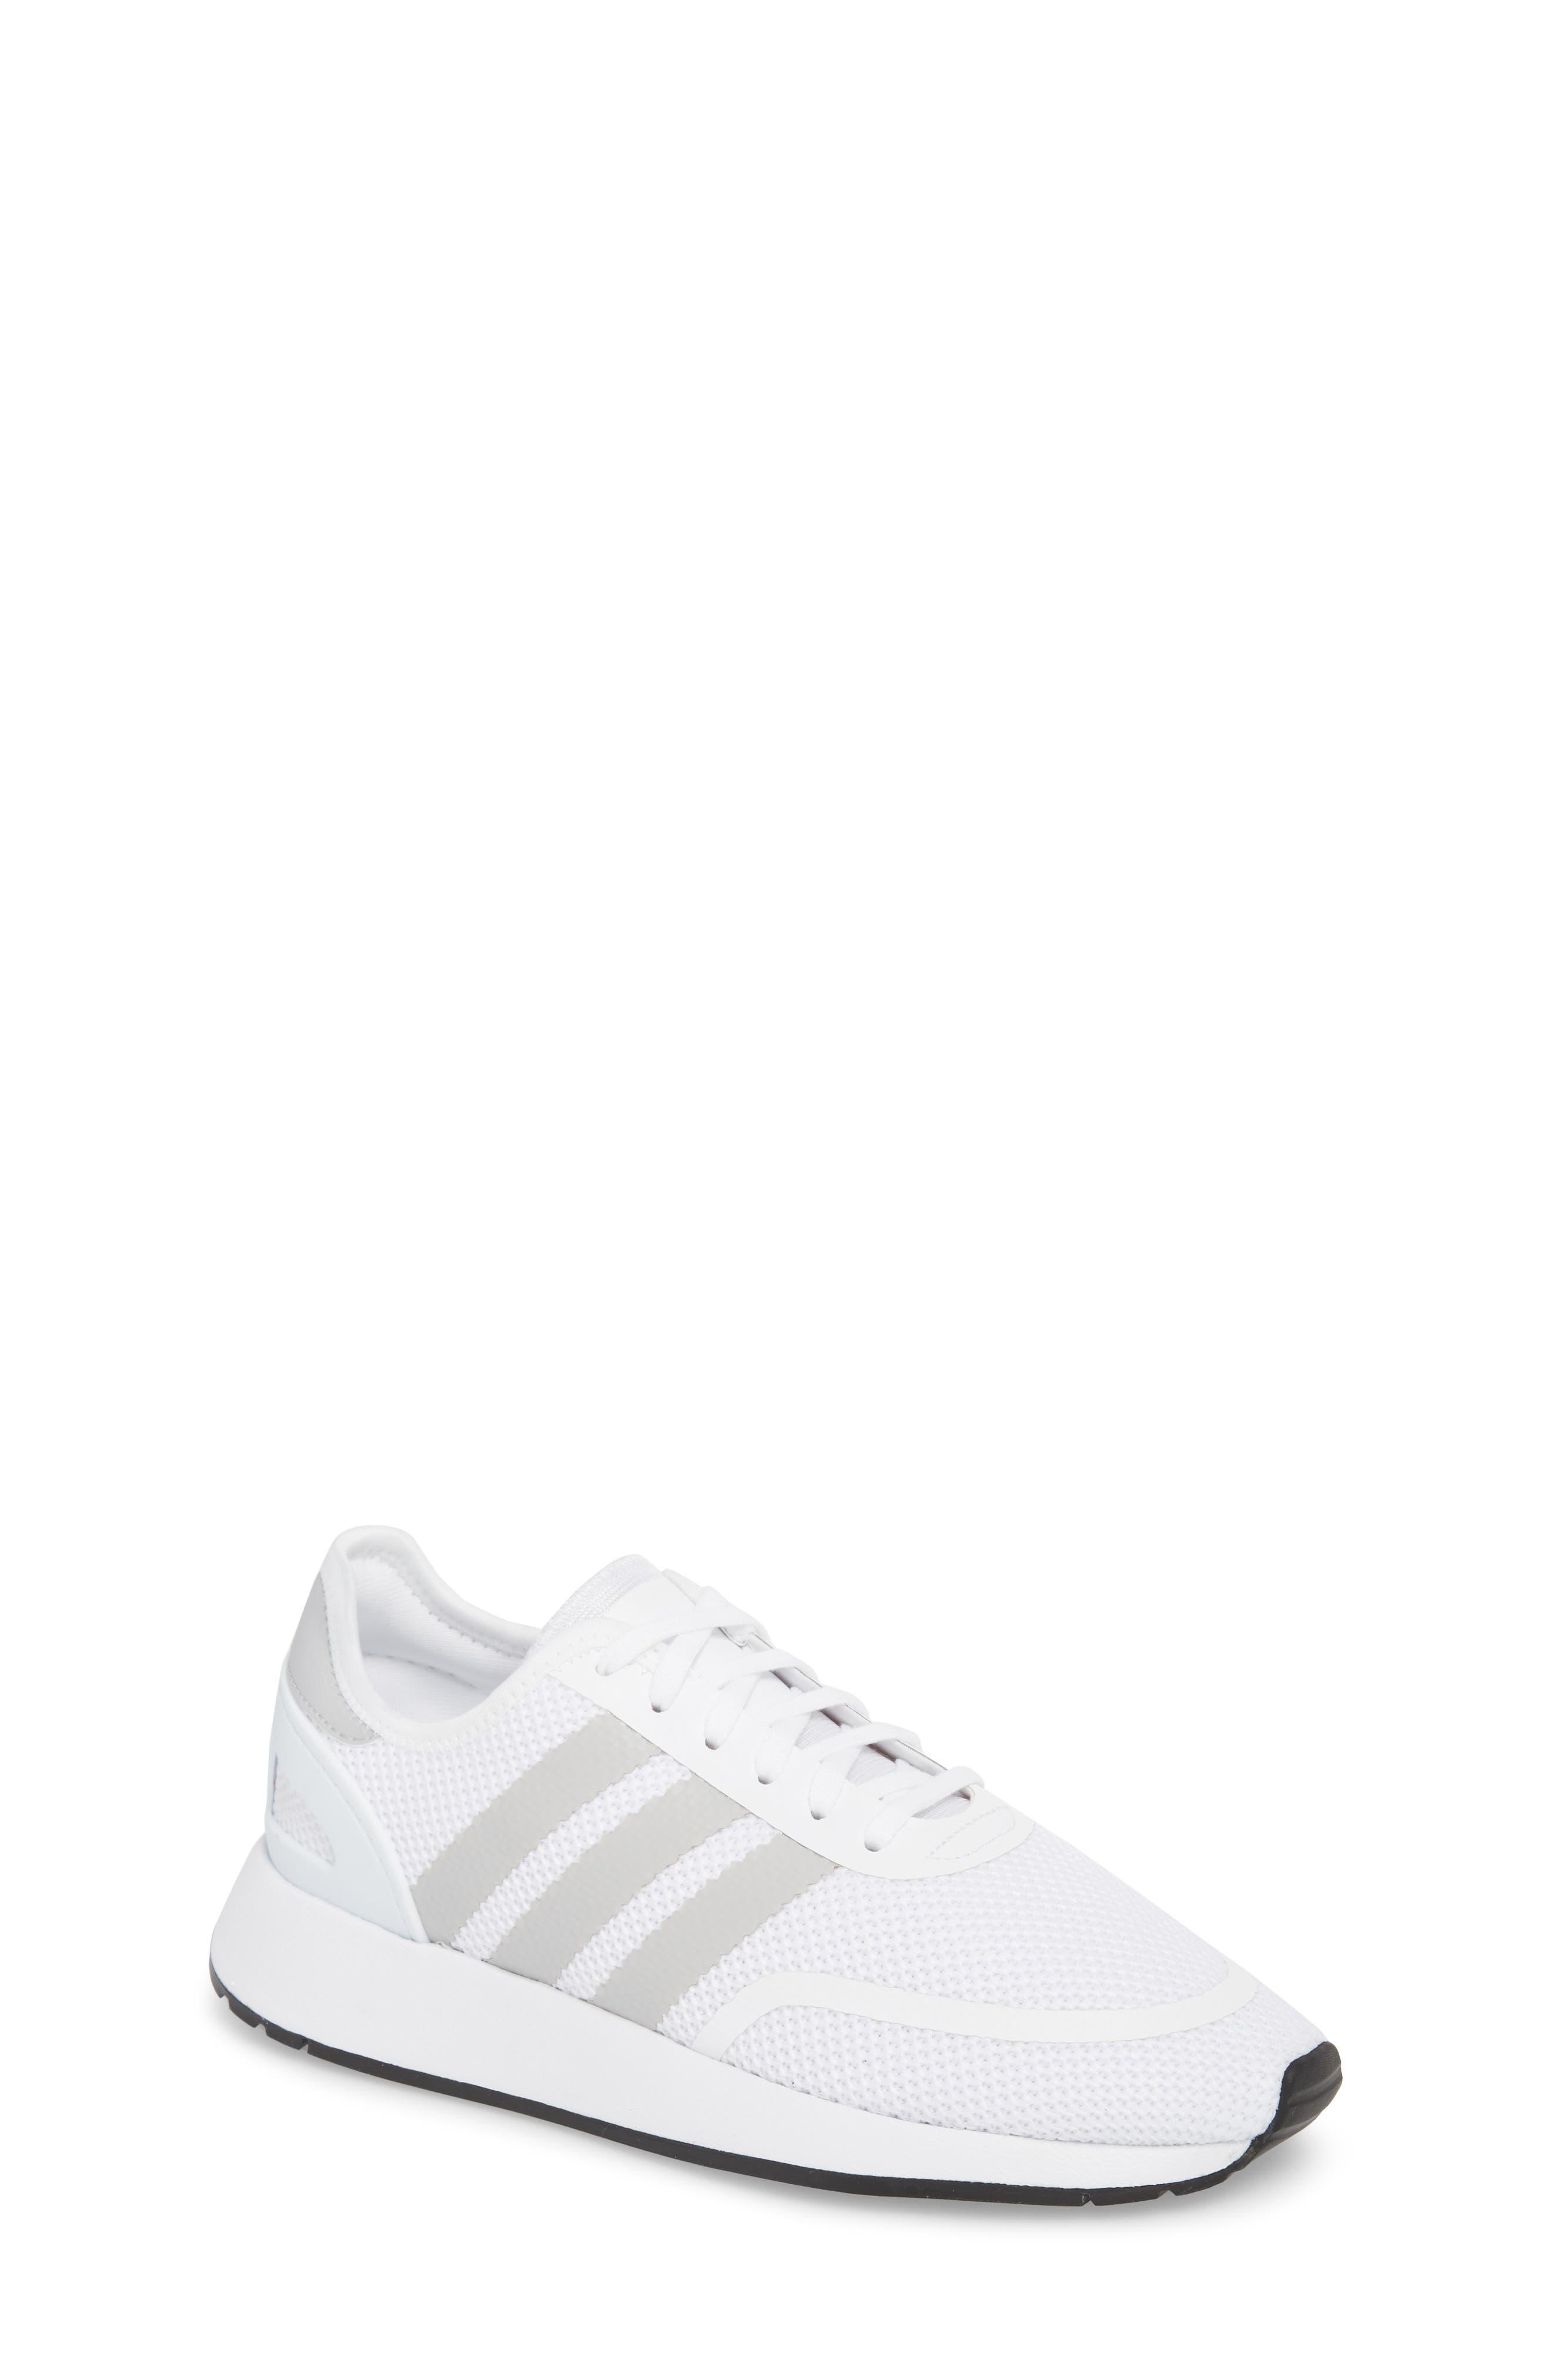 grandi scarpe adidas (dimensioni 7) nordstrom